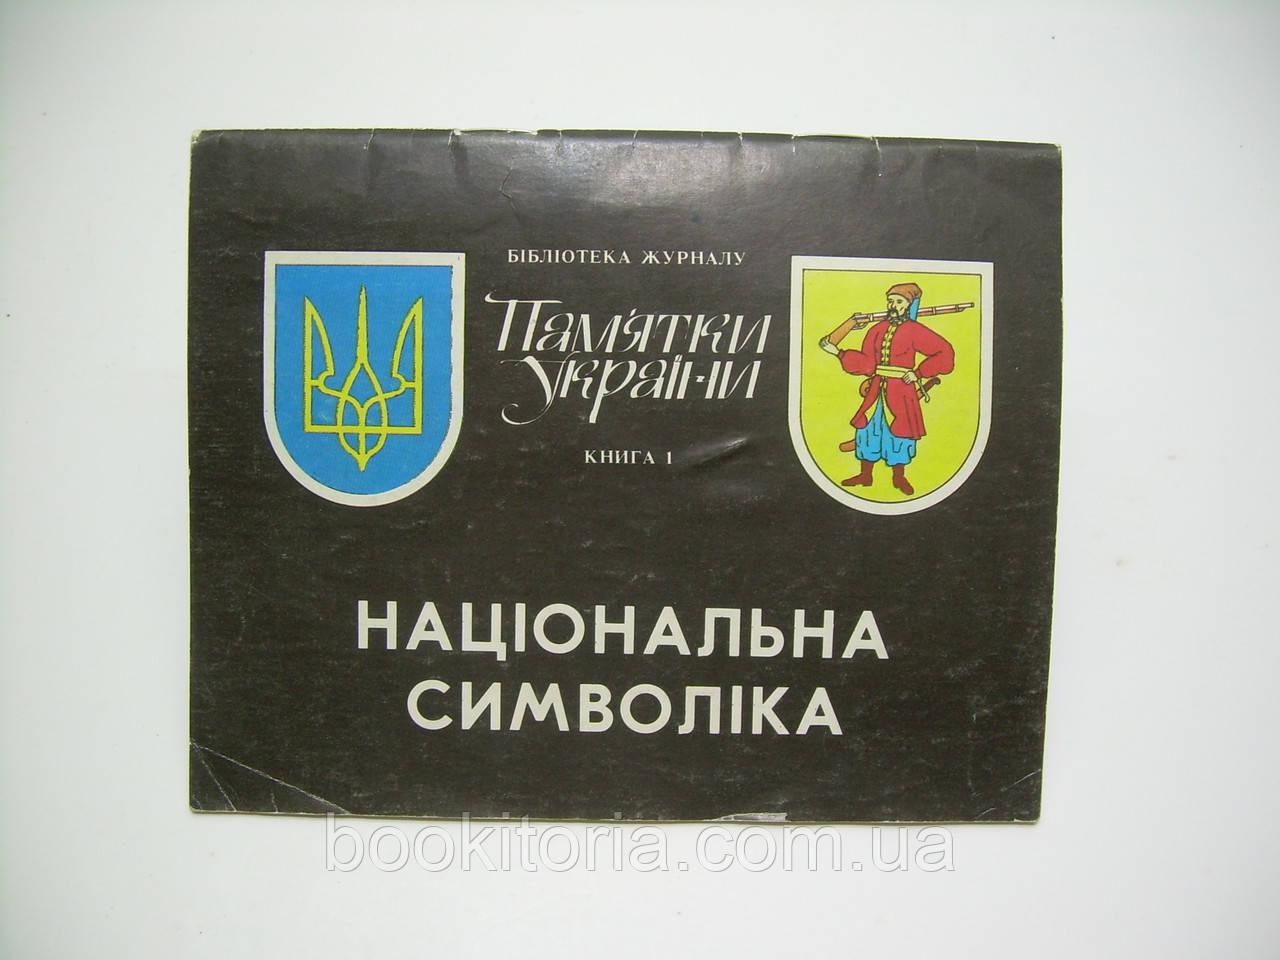 Пам`ятники України. Книга 1. Національна символіка (б/у).